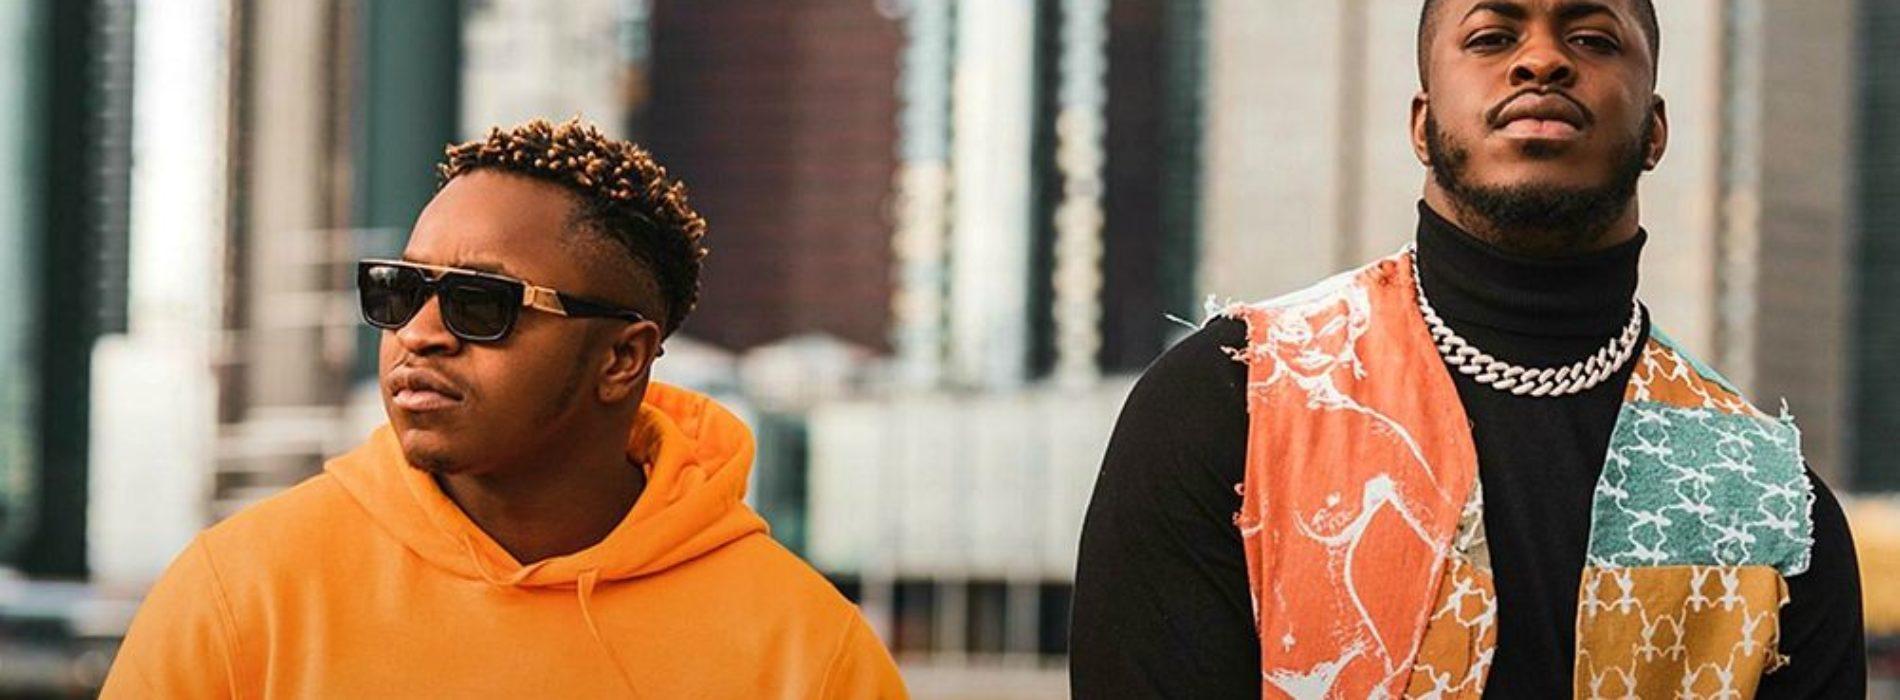 Scridge feat. Landy – Ghetto (Clip Officiel) – Janvier 2020